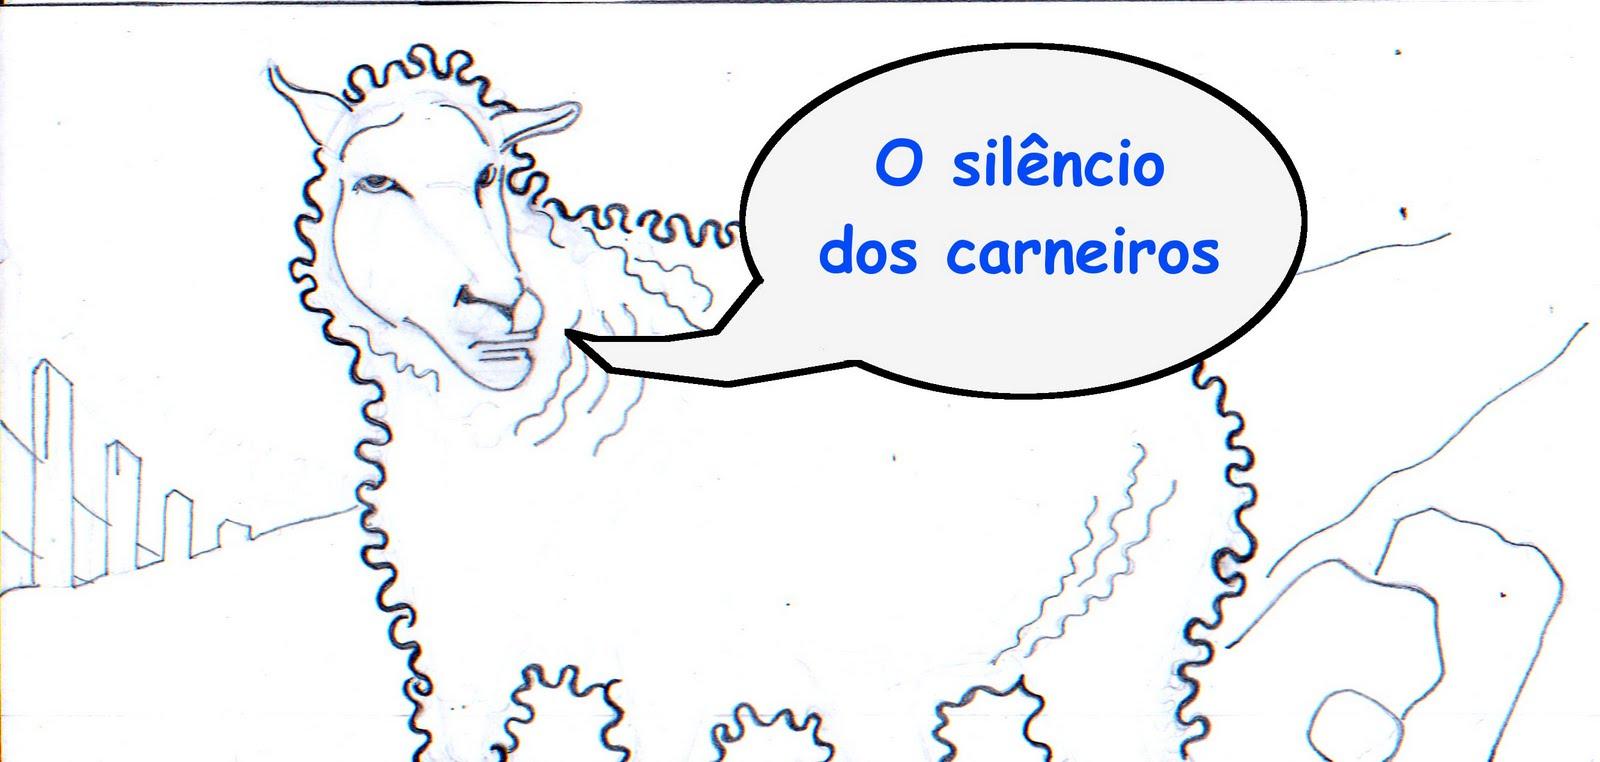 O silêncio dos carneiros